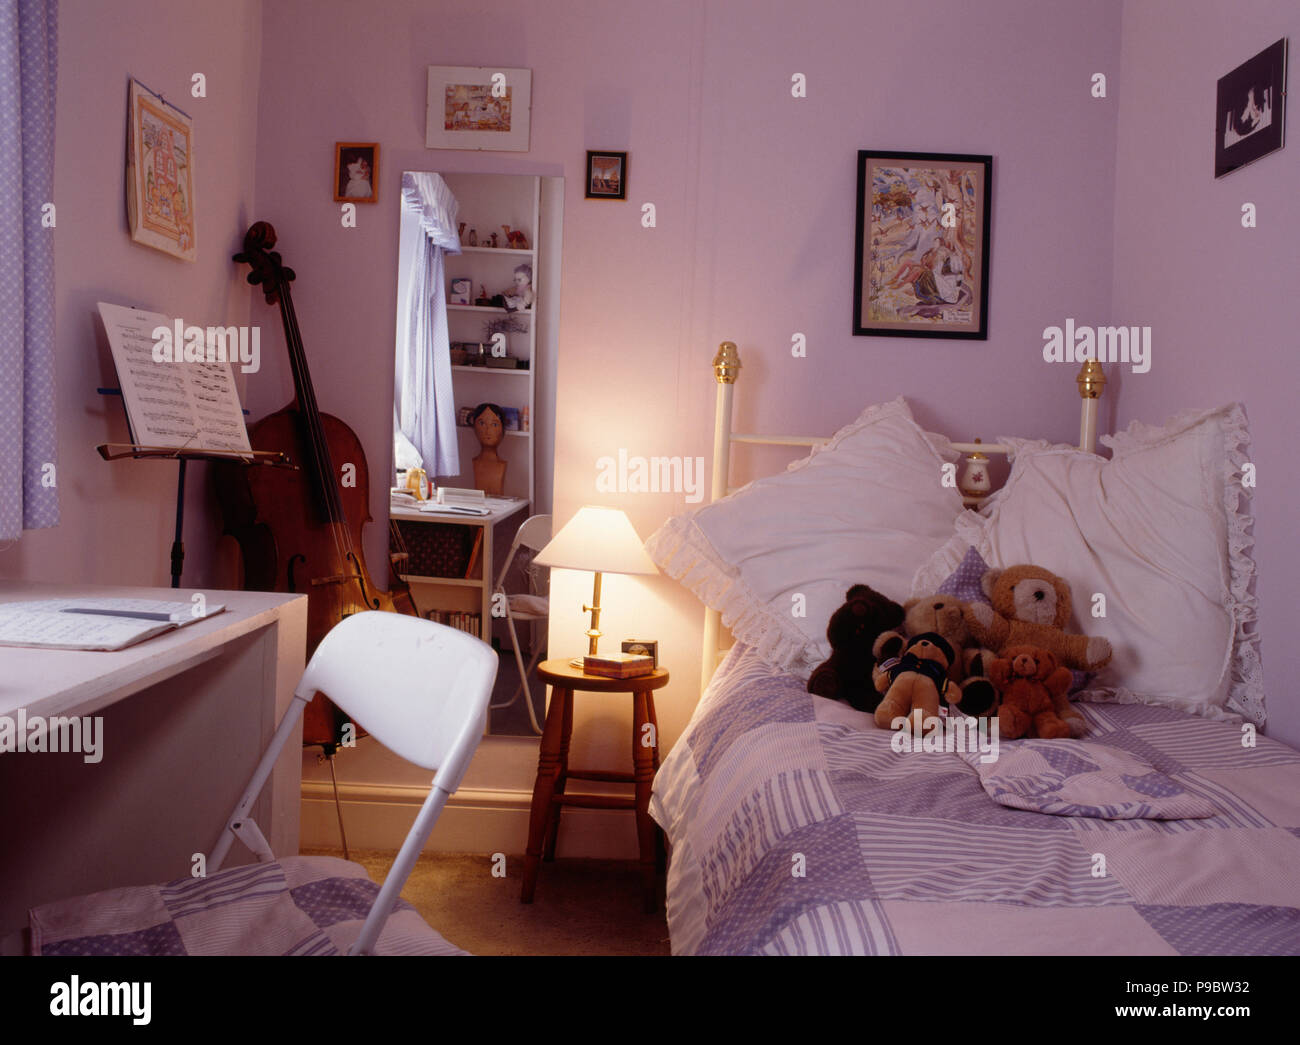 Brennende Lampe Neben Dem Bett Aus Messing In Lila Teenager Schlafzimmer  Mit Lila Patchwork Quilt Und Weiß Schreibtisch Und Stuhl